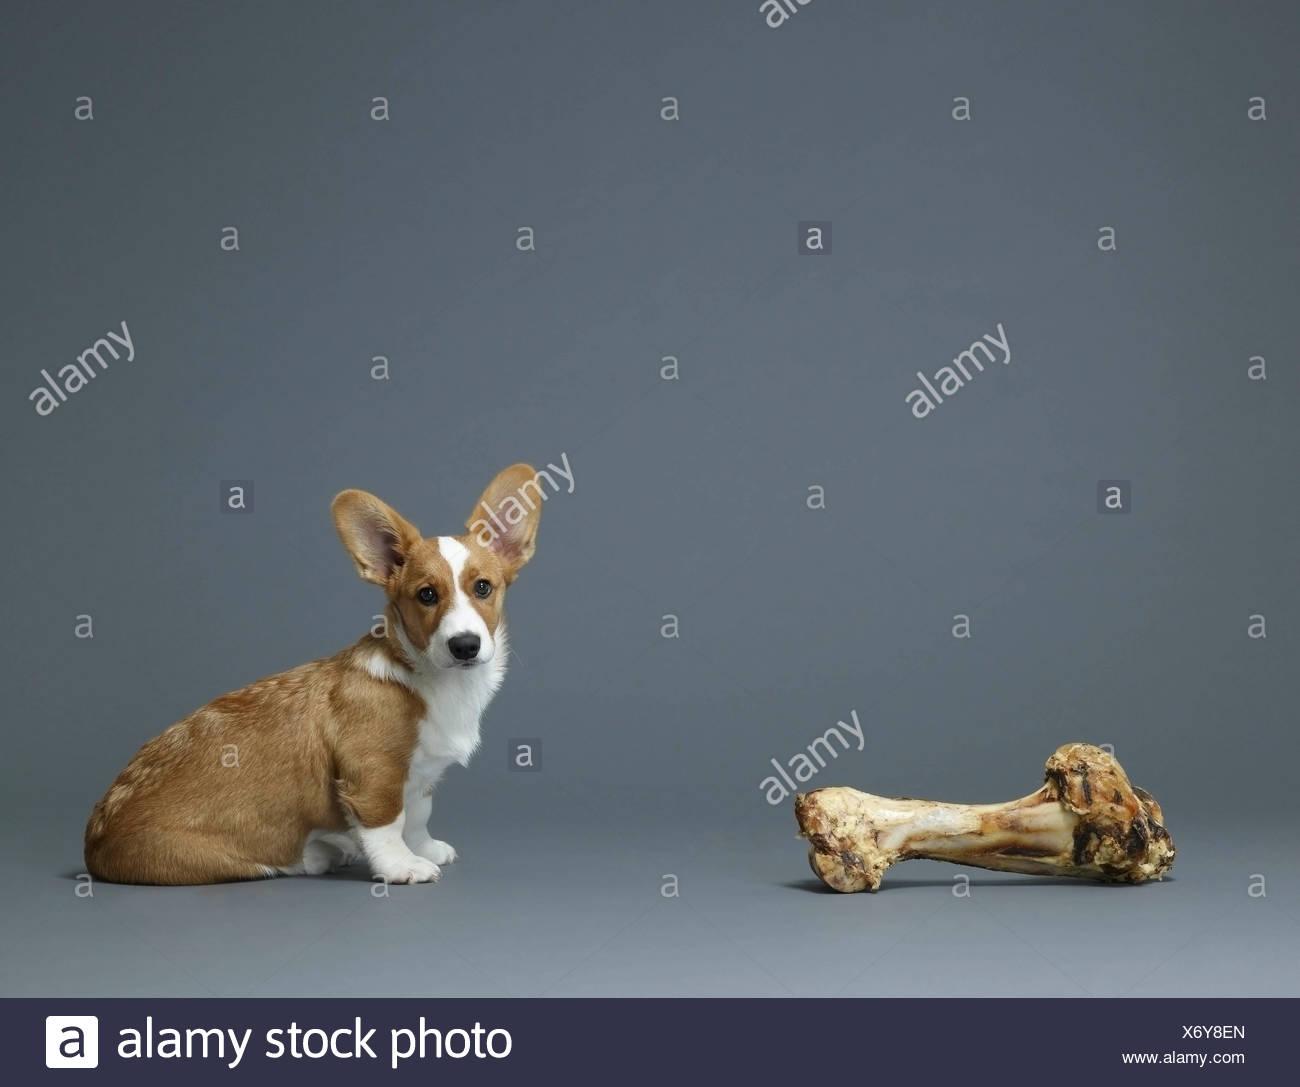 Dog sitting next to huge bone - Stock Image